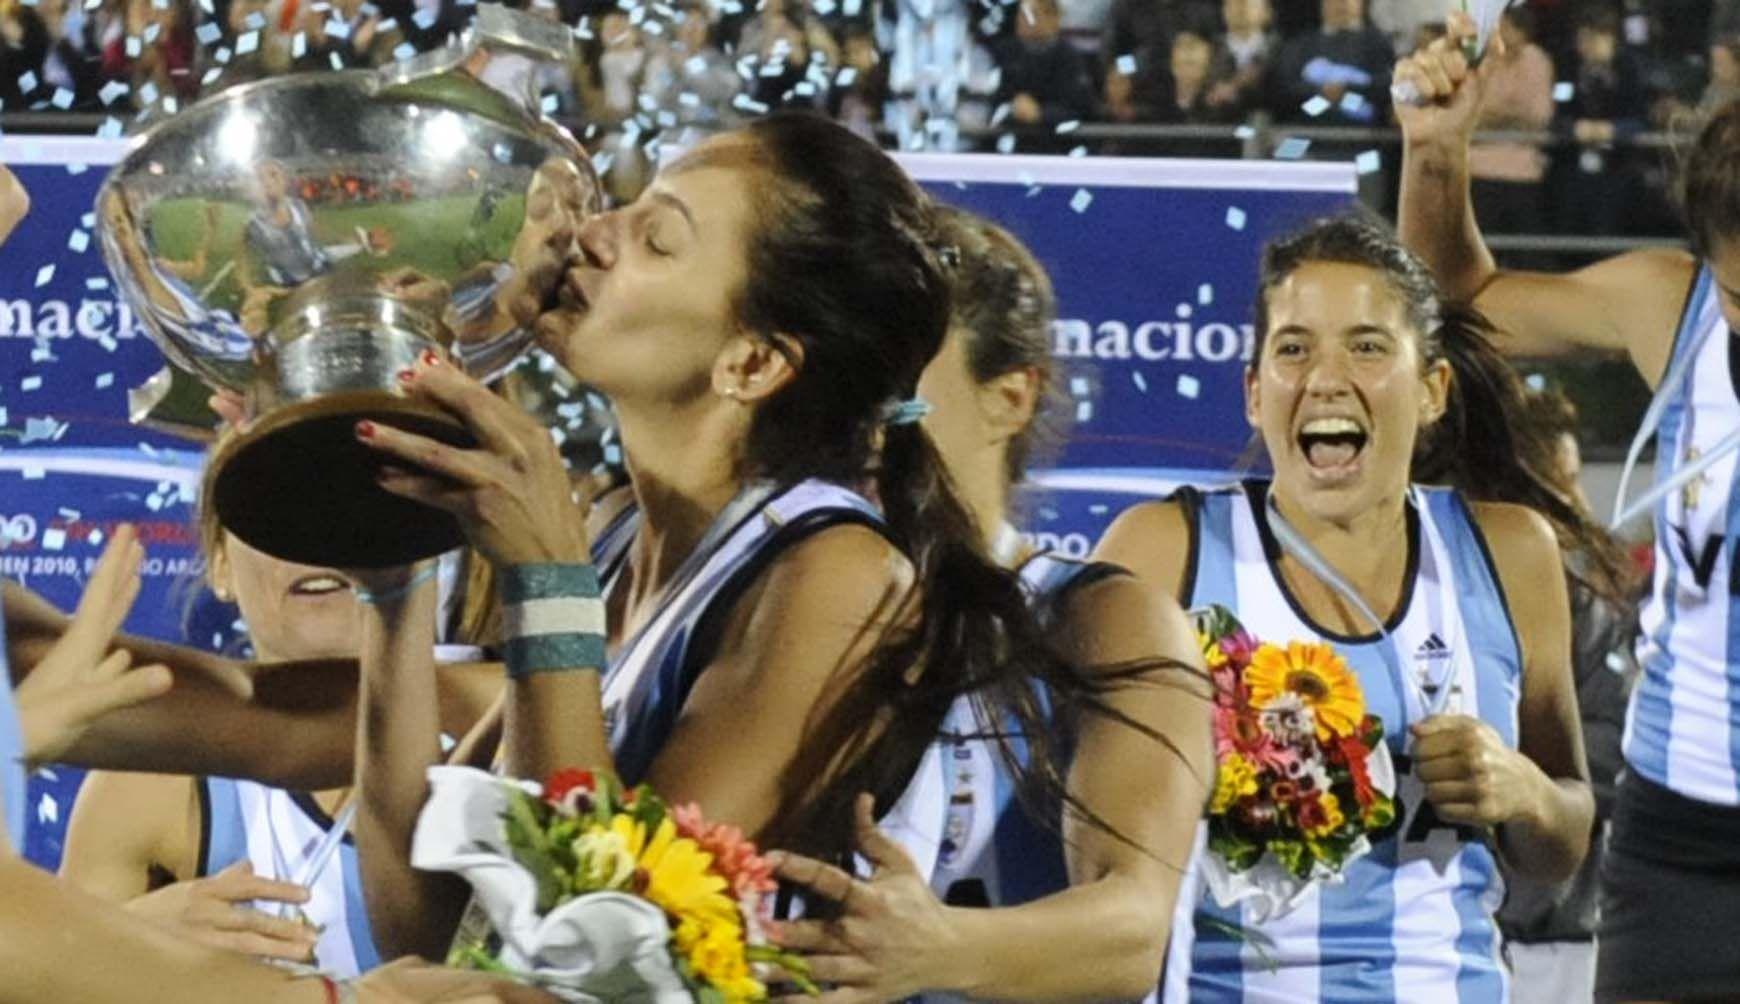 Cinco goles marcó la Maga Aymar en el Mundial de Rosario